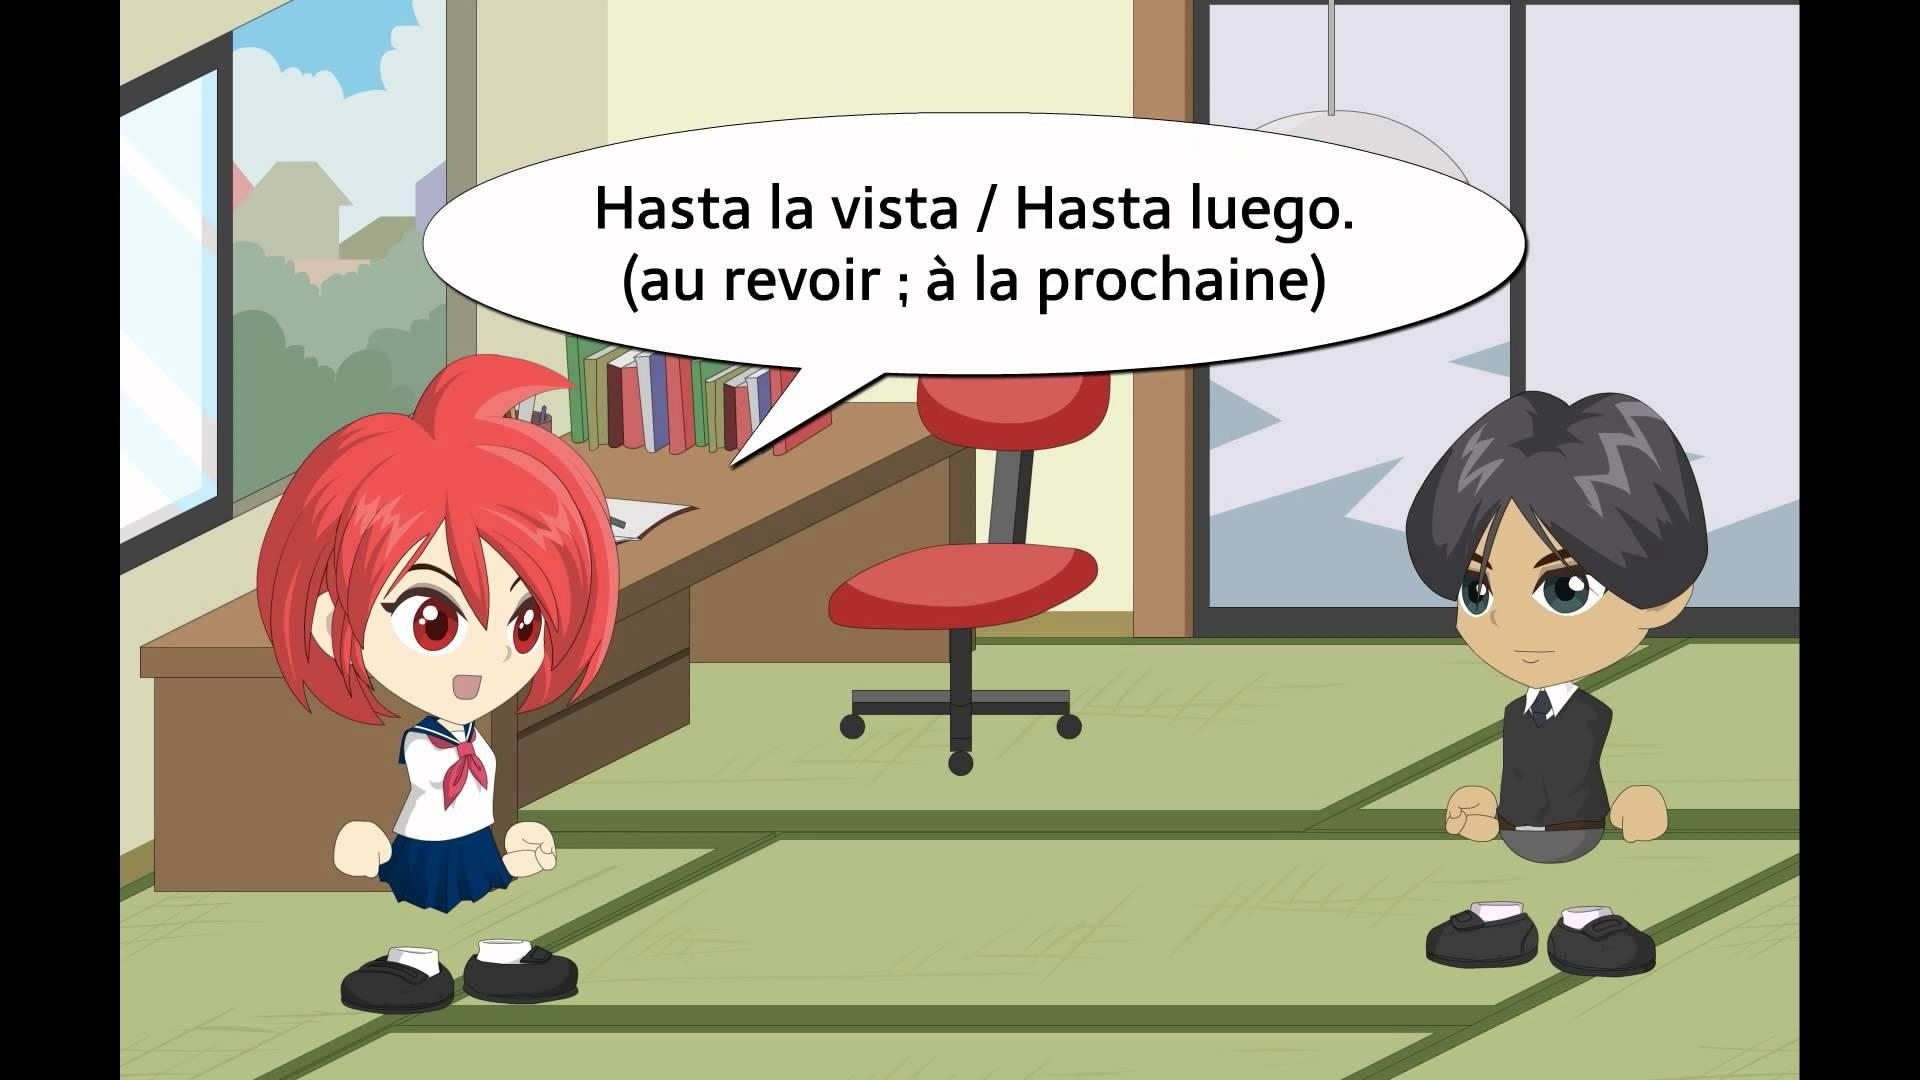 comment dire en espagnol